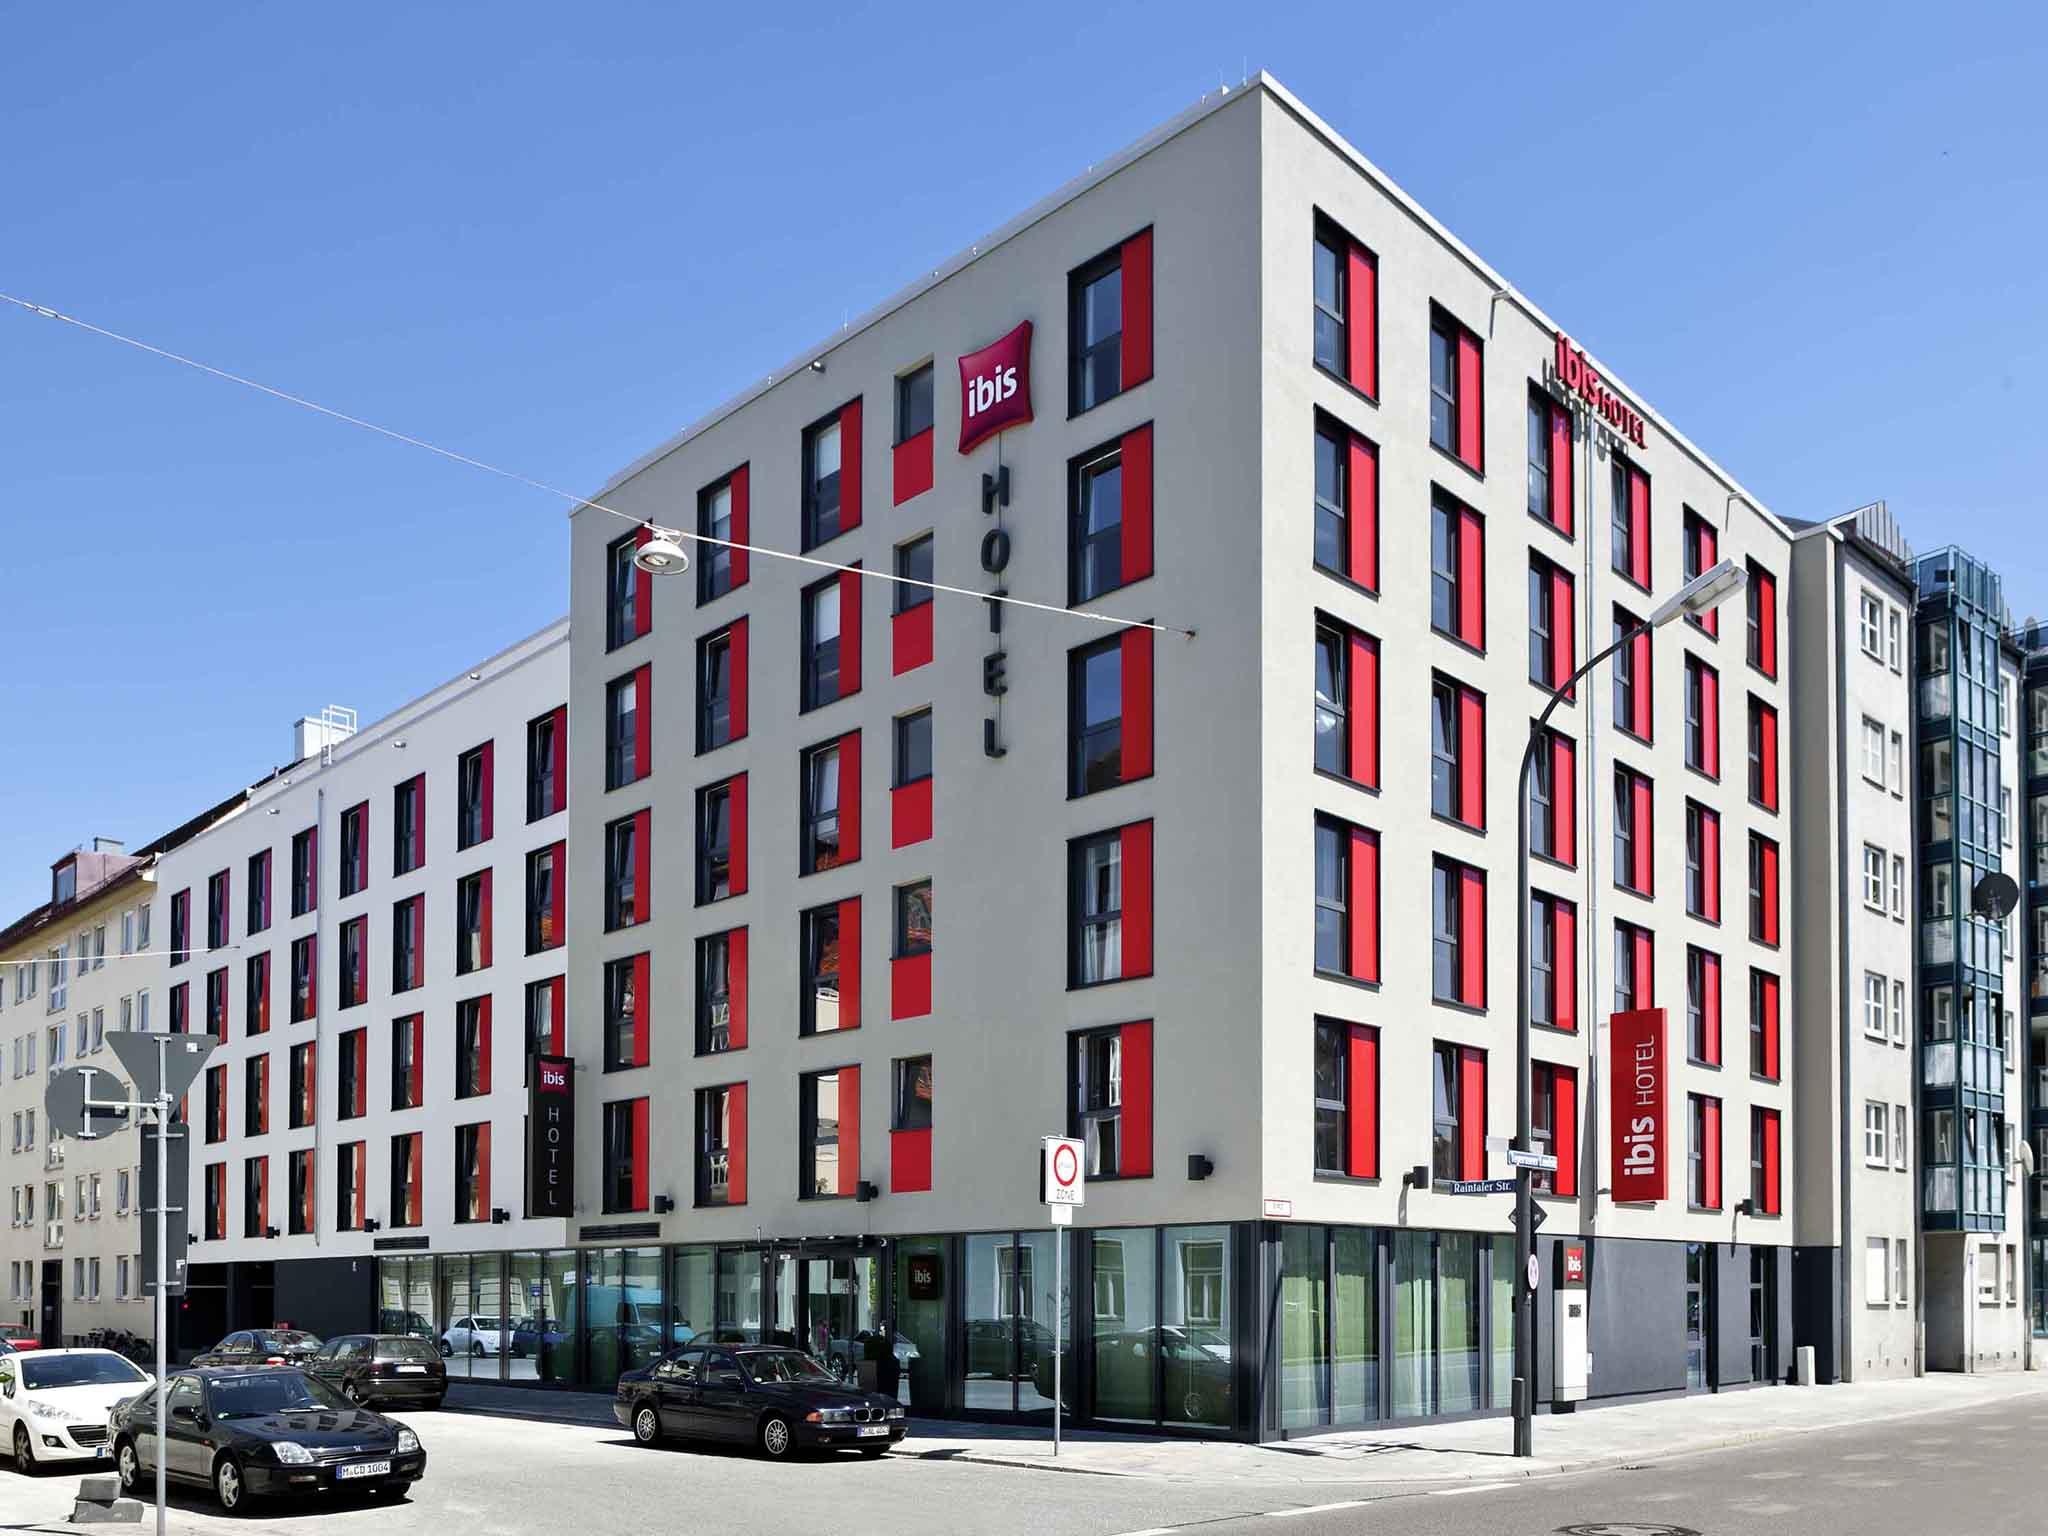 โรงแรม – ไอบิส มุนเช่น ซิตี้ ซุด